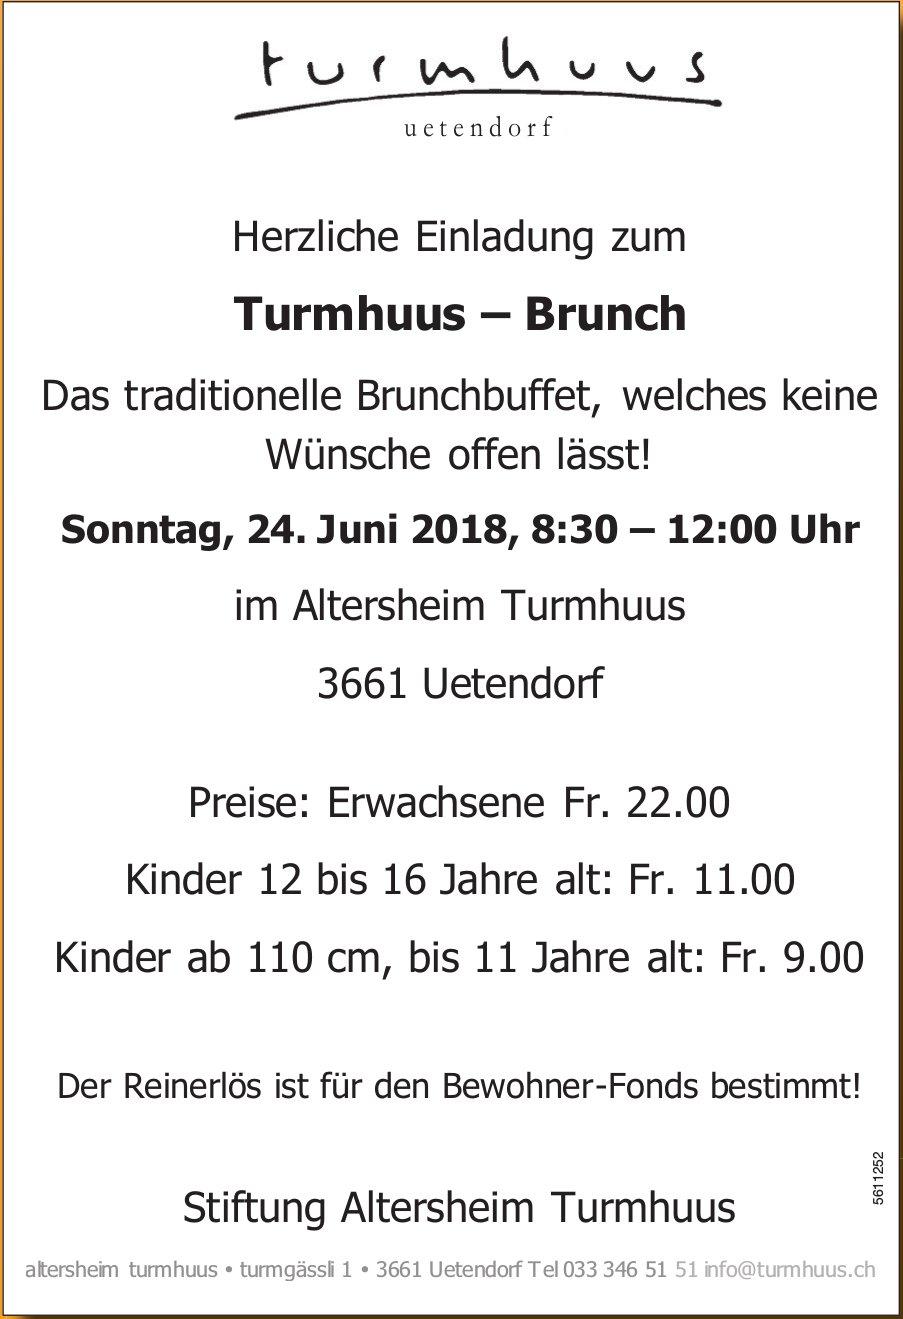 Stiftung Altersheim Turmhuus - Herzliche Einladung zum Turmhuus – Brunch am 24. Juni